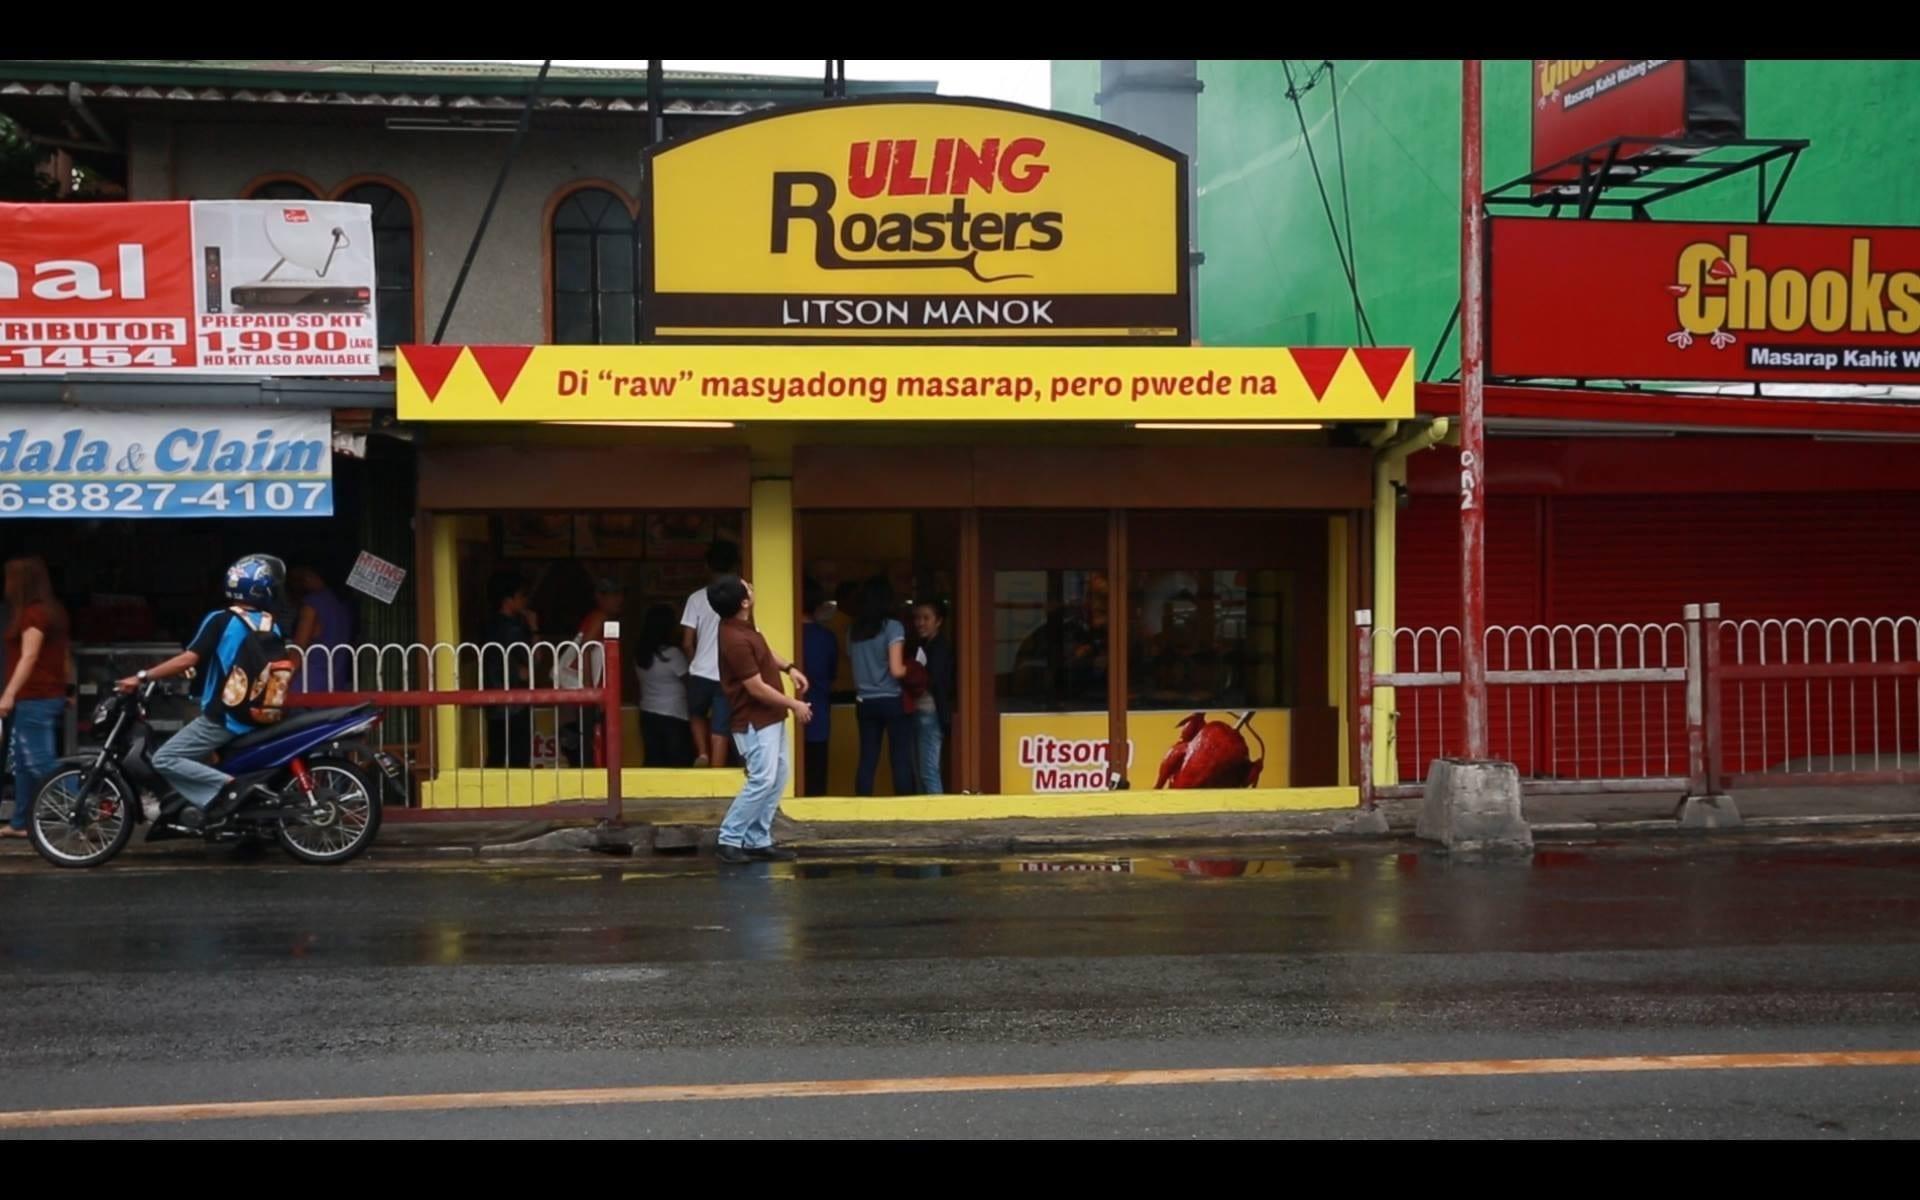 uling-roasters